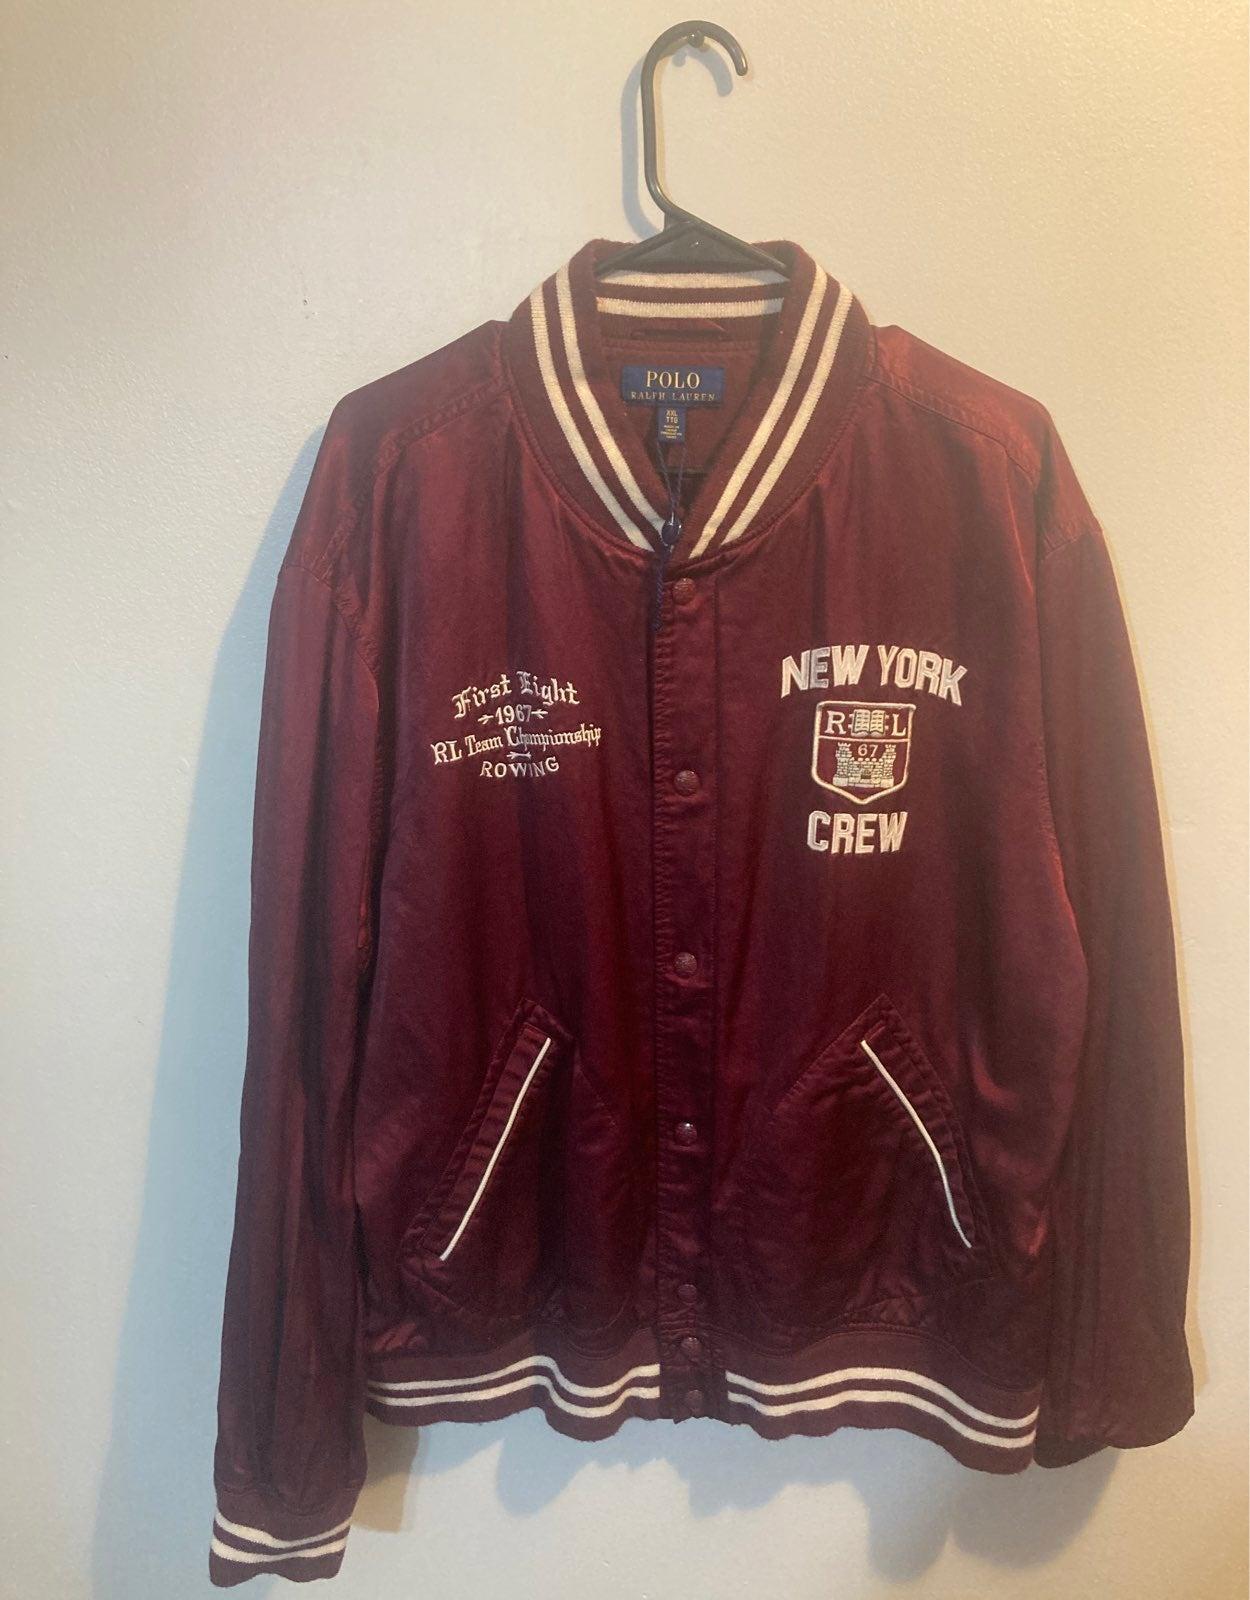 Ralph Lauren new york crew jacket $85 xx